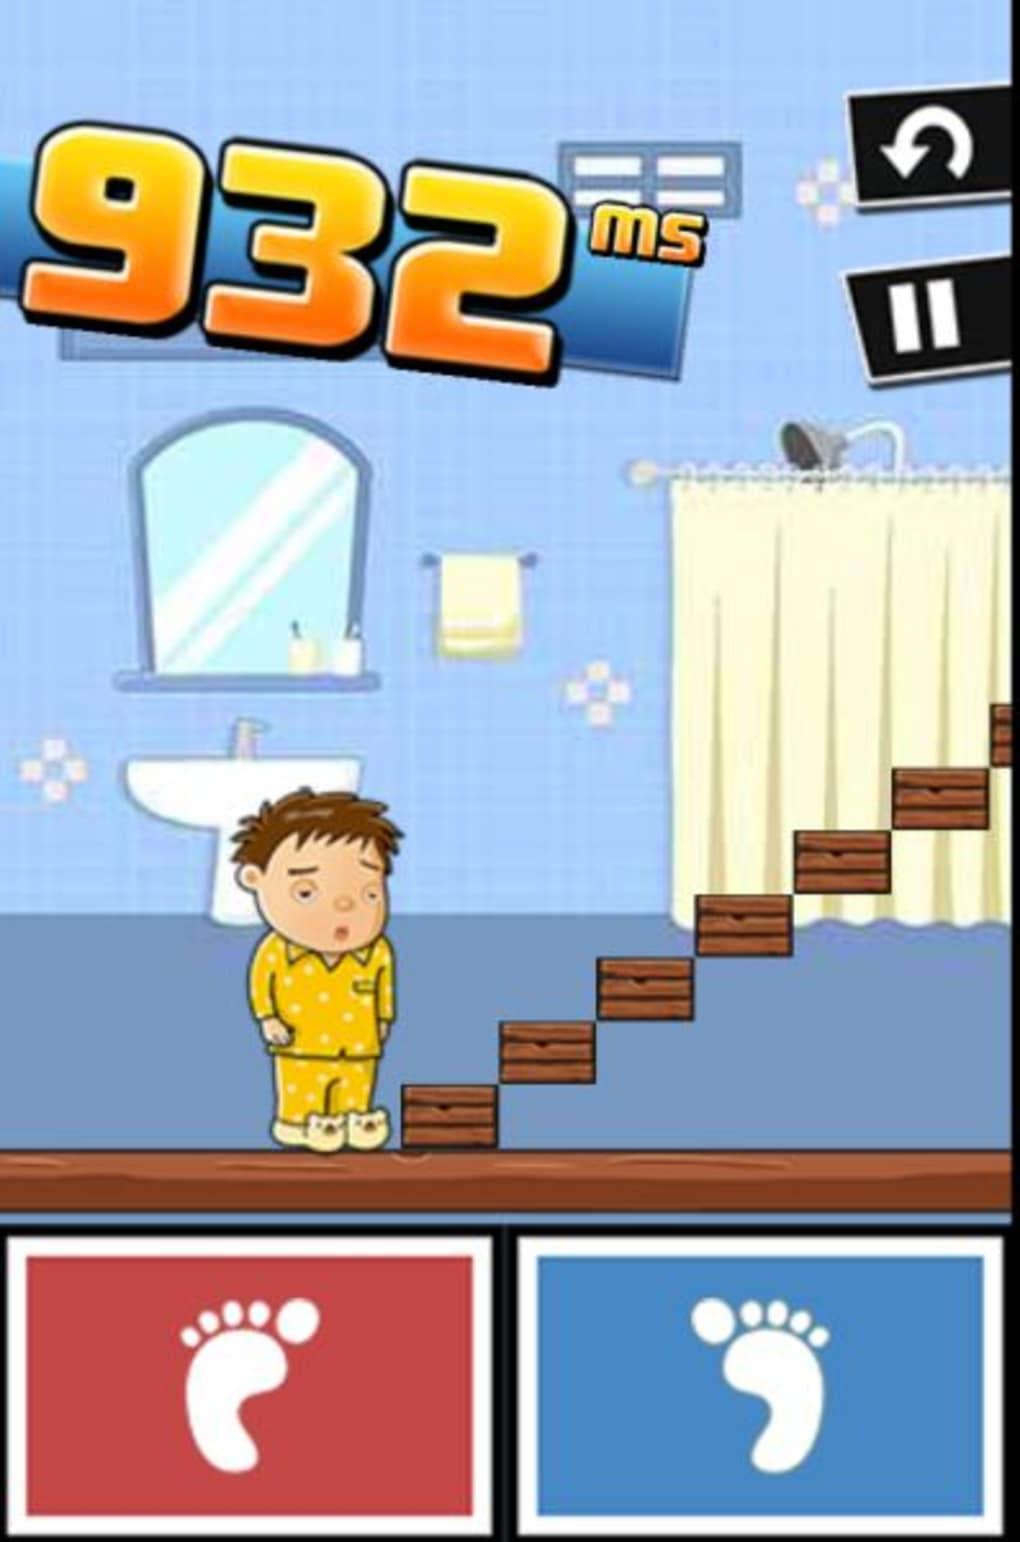 download hardest game ever 2 apk